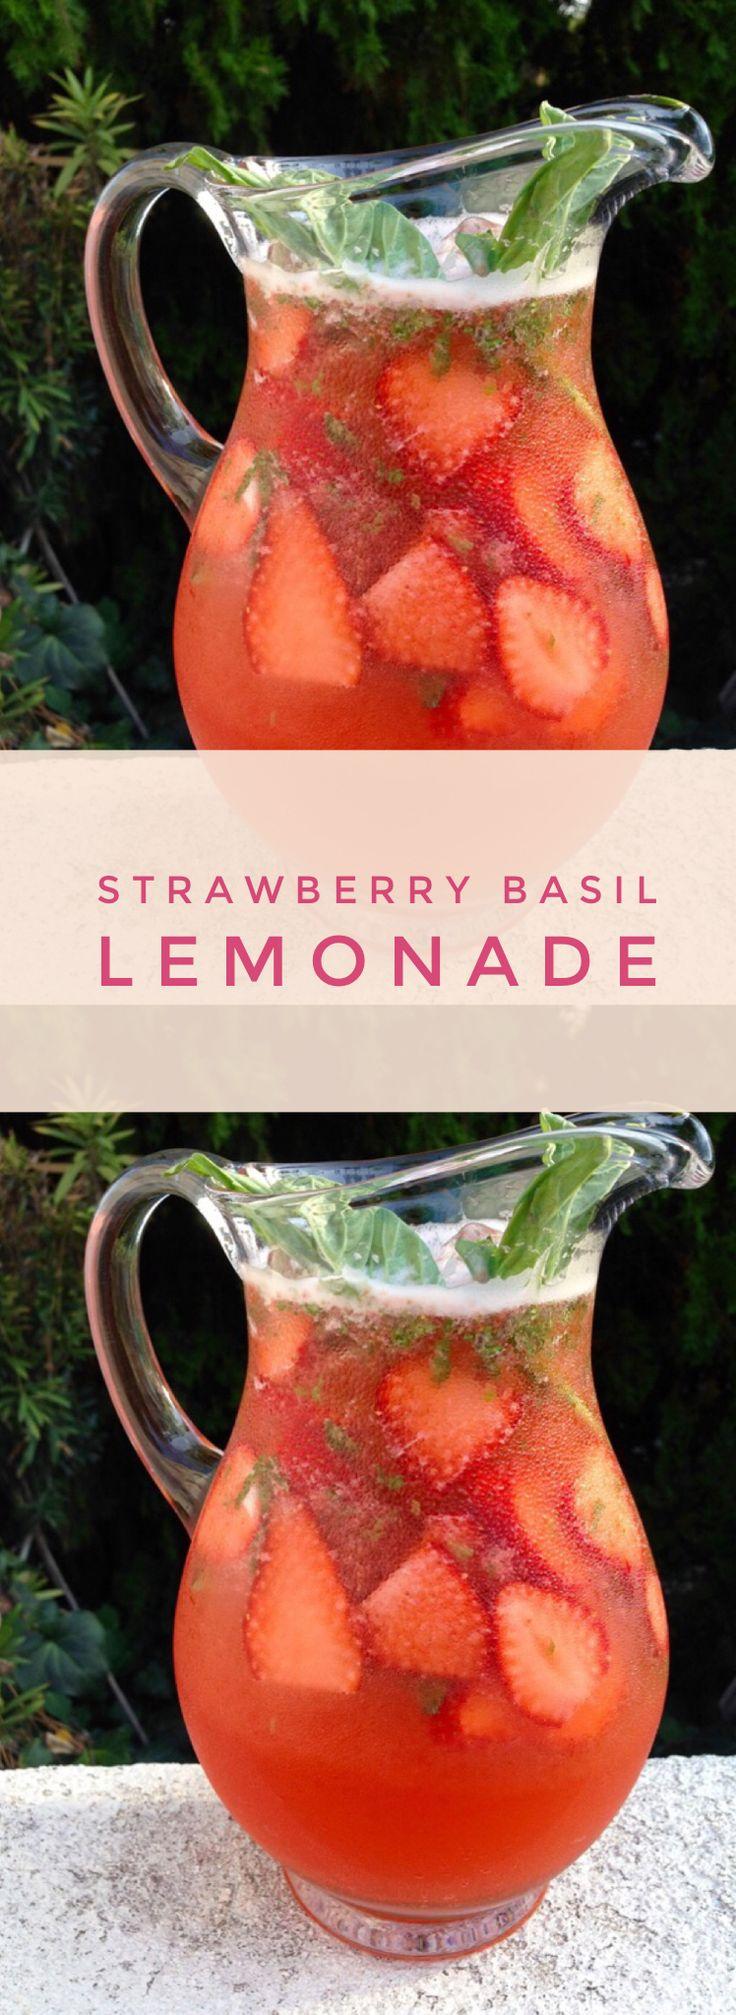 Strawberry Basil Lemonade | CiaoFlorentina.com @CiaoFlorentina